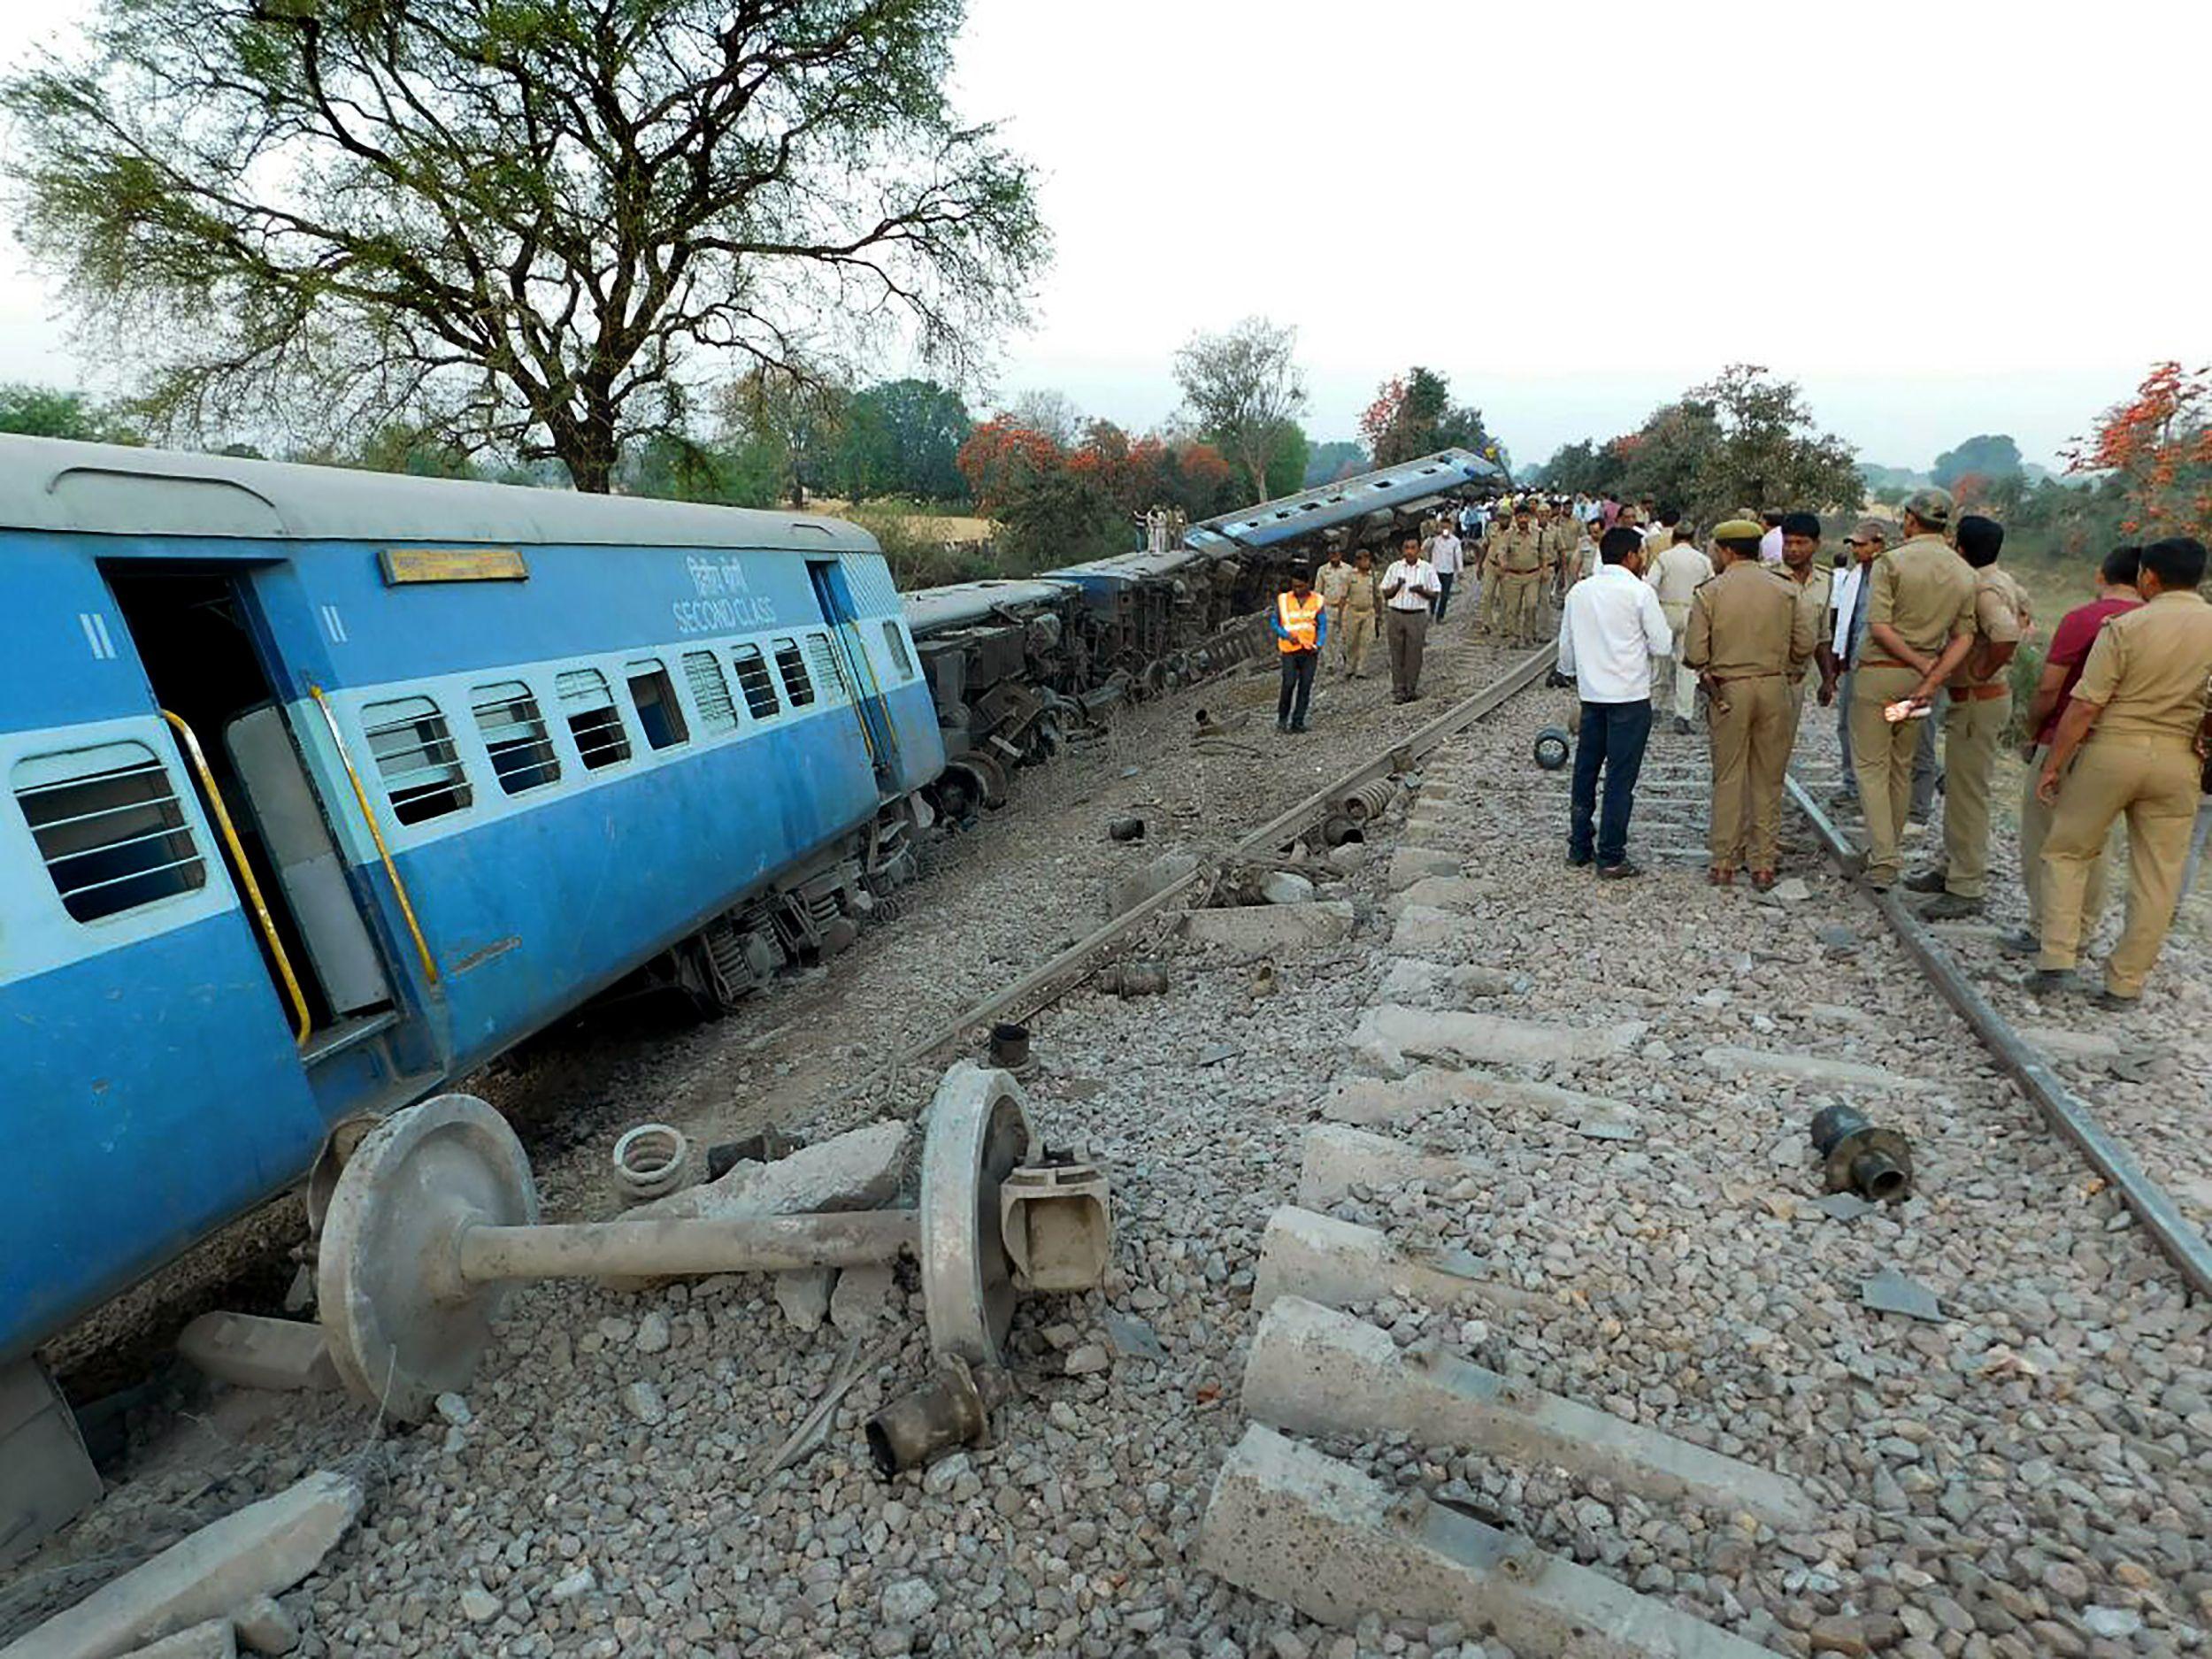 خروج قطار ركاب عن مسارة فى الهند